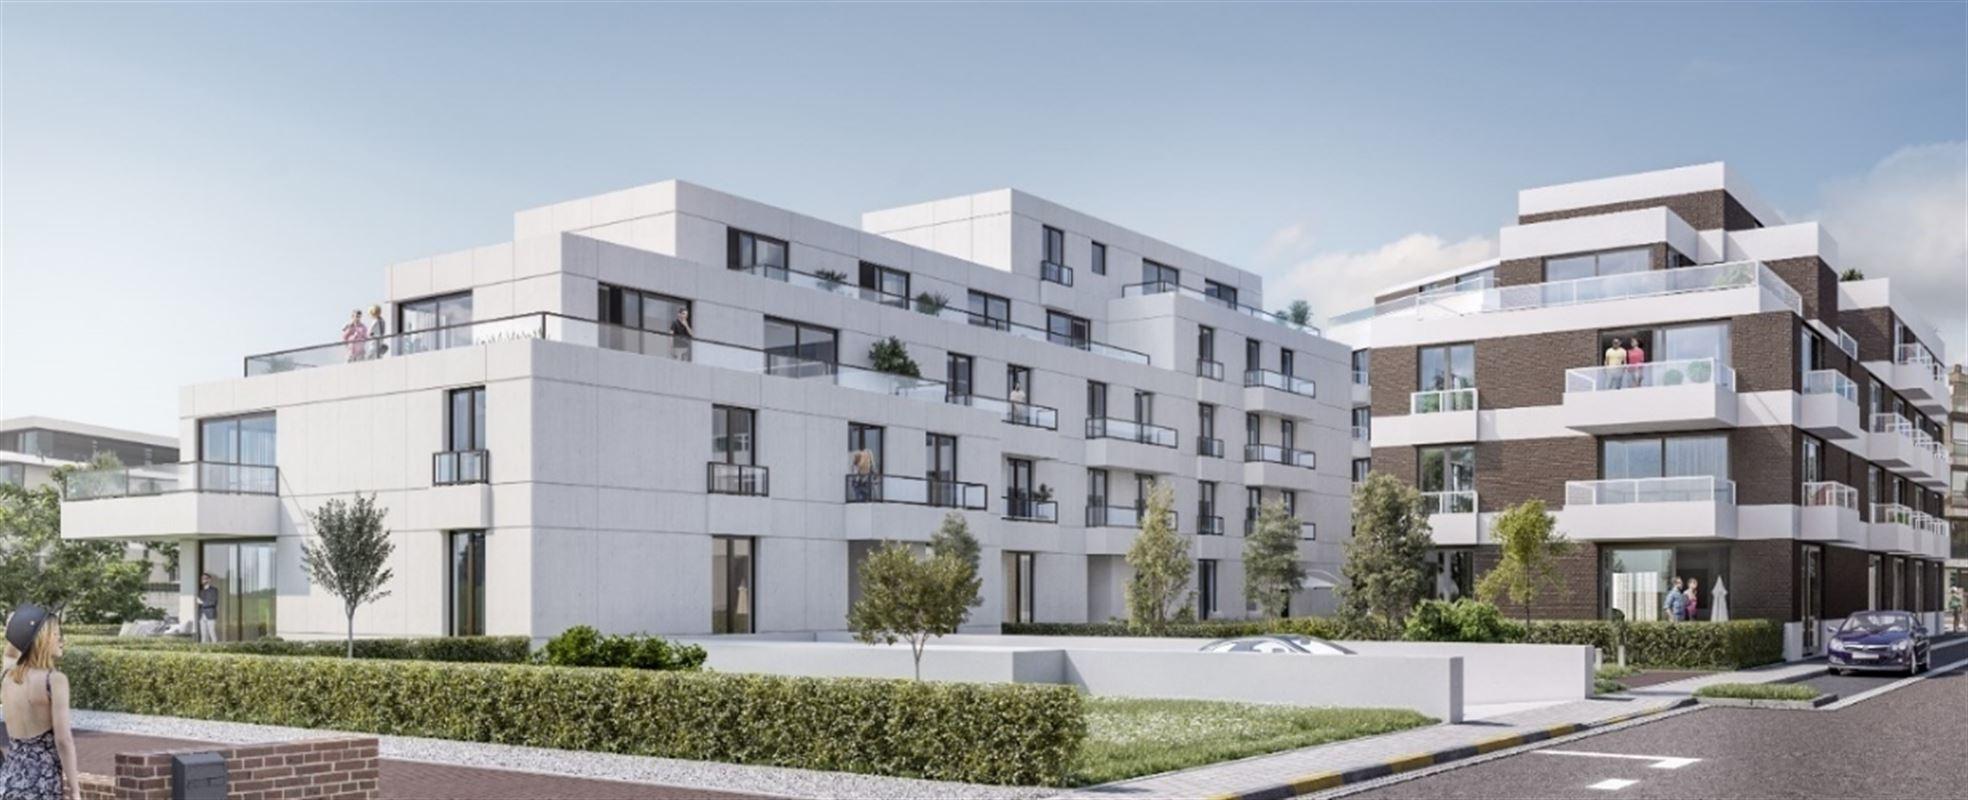 Foto 4 : Appartement te 8660 DE PANNE (België) - Prijs € 305.000